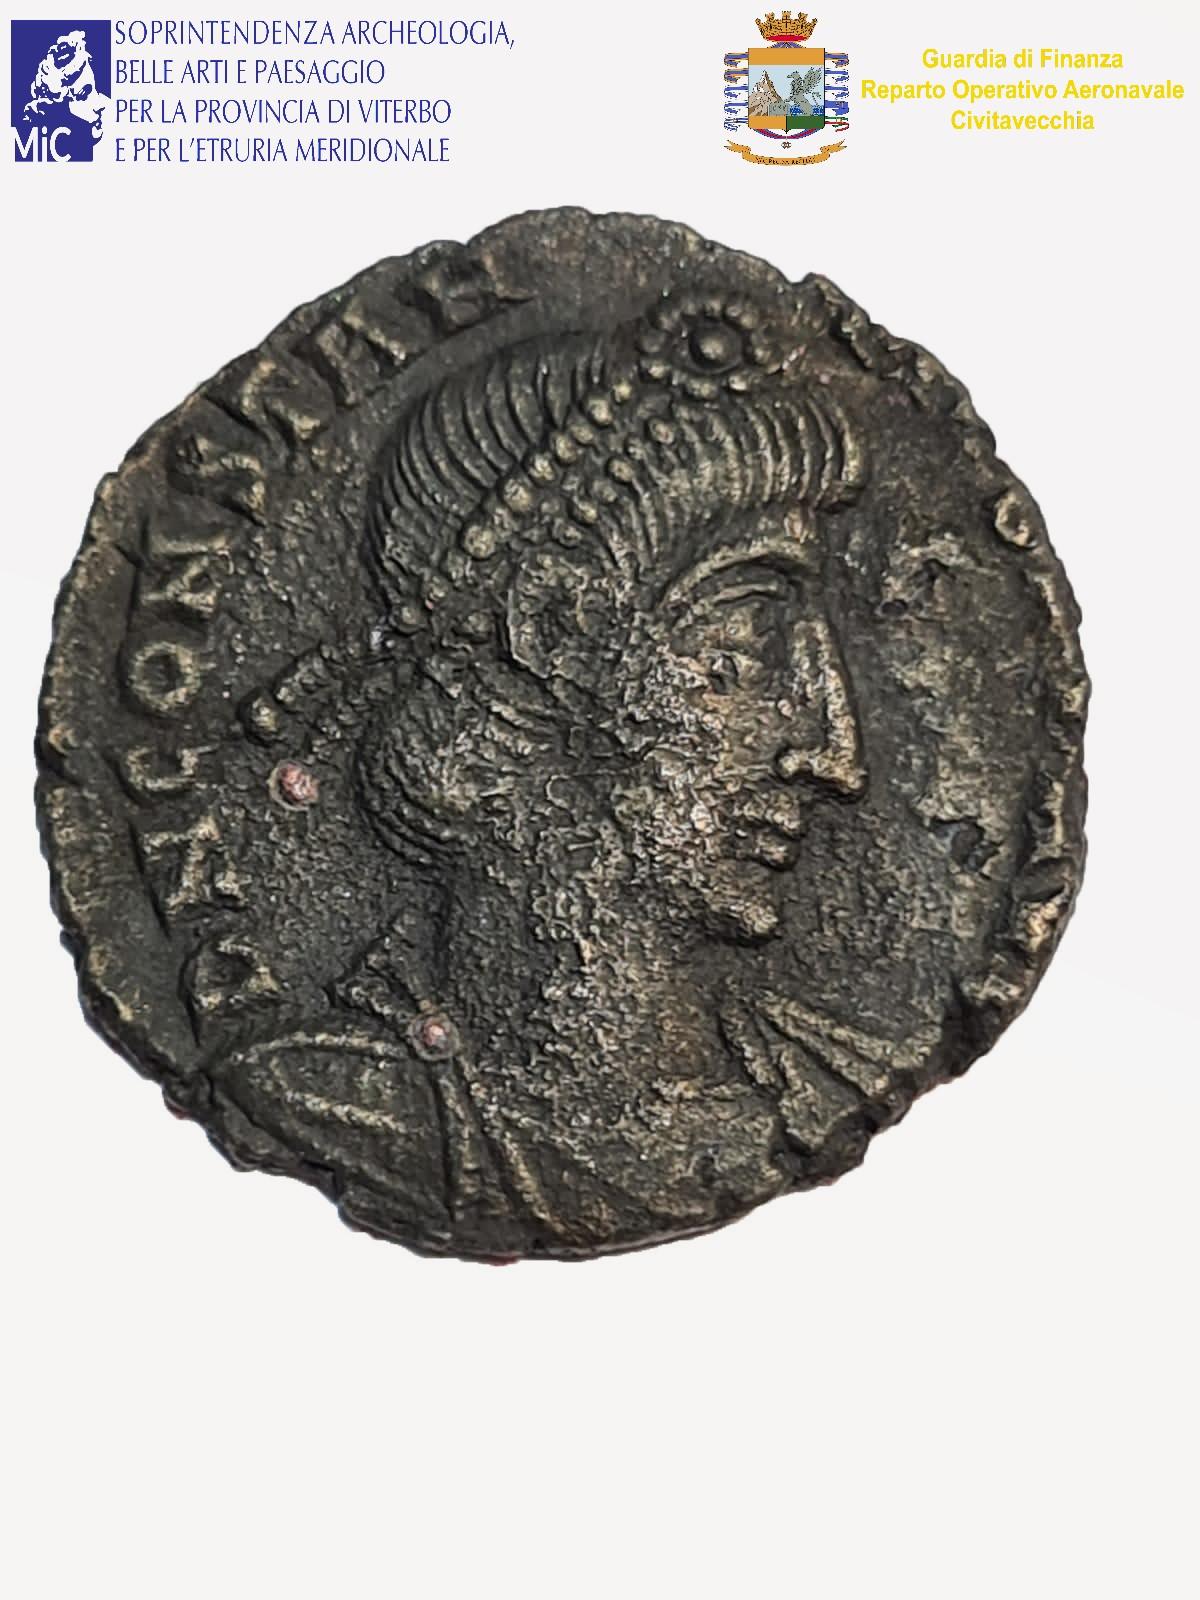 Straordinaria scoperta archeologica nel lago di Bolsena: ritrovati un coltello e una moneta del IV secolo dopo Cristo